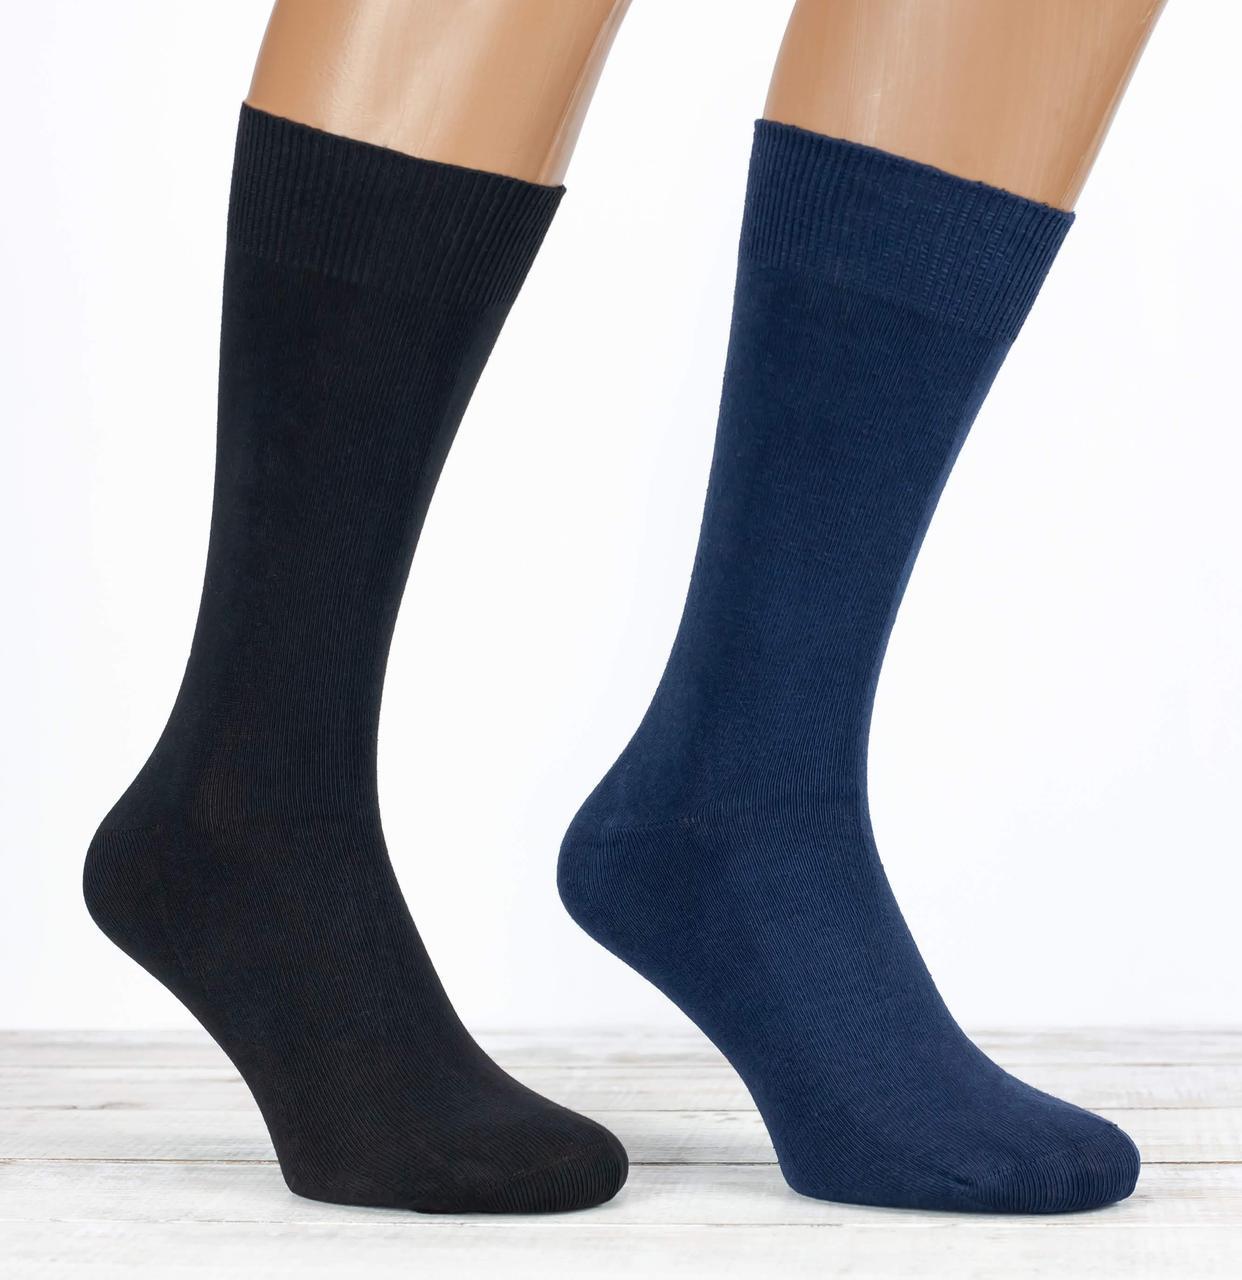 Чоловічі носки шкарпетки стрейчеві Z&N класичні високі  однотонні розмір 41-44 12 шт в уп чорний